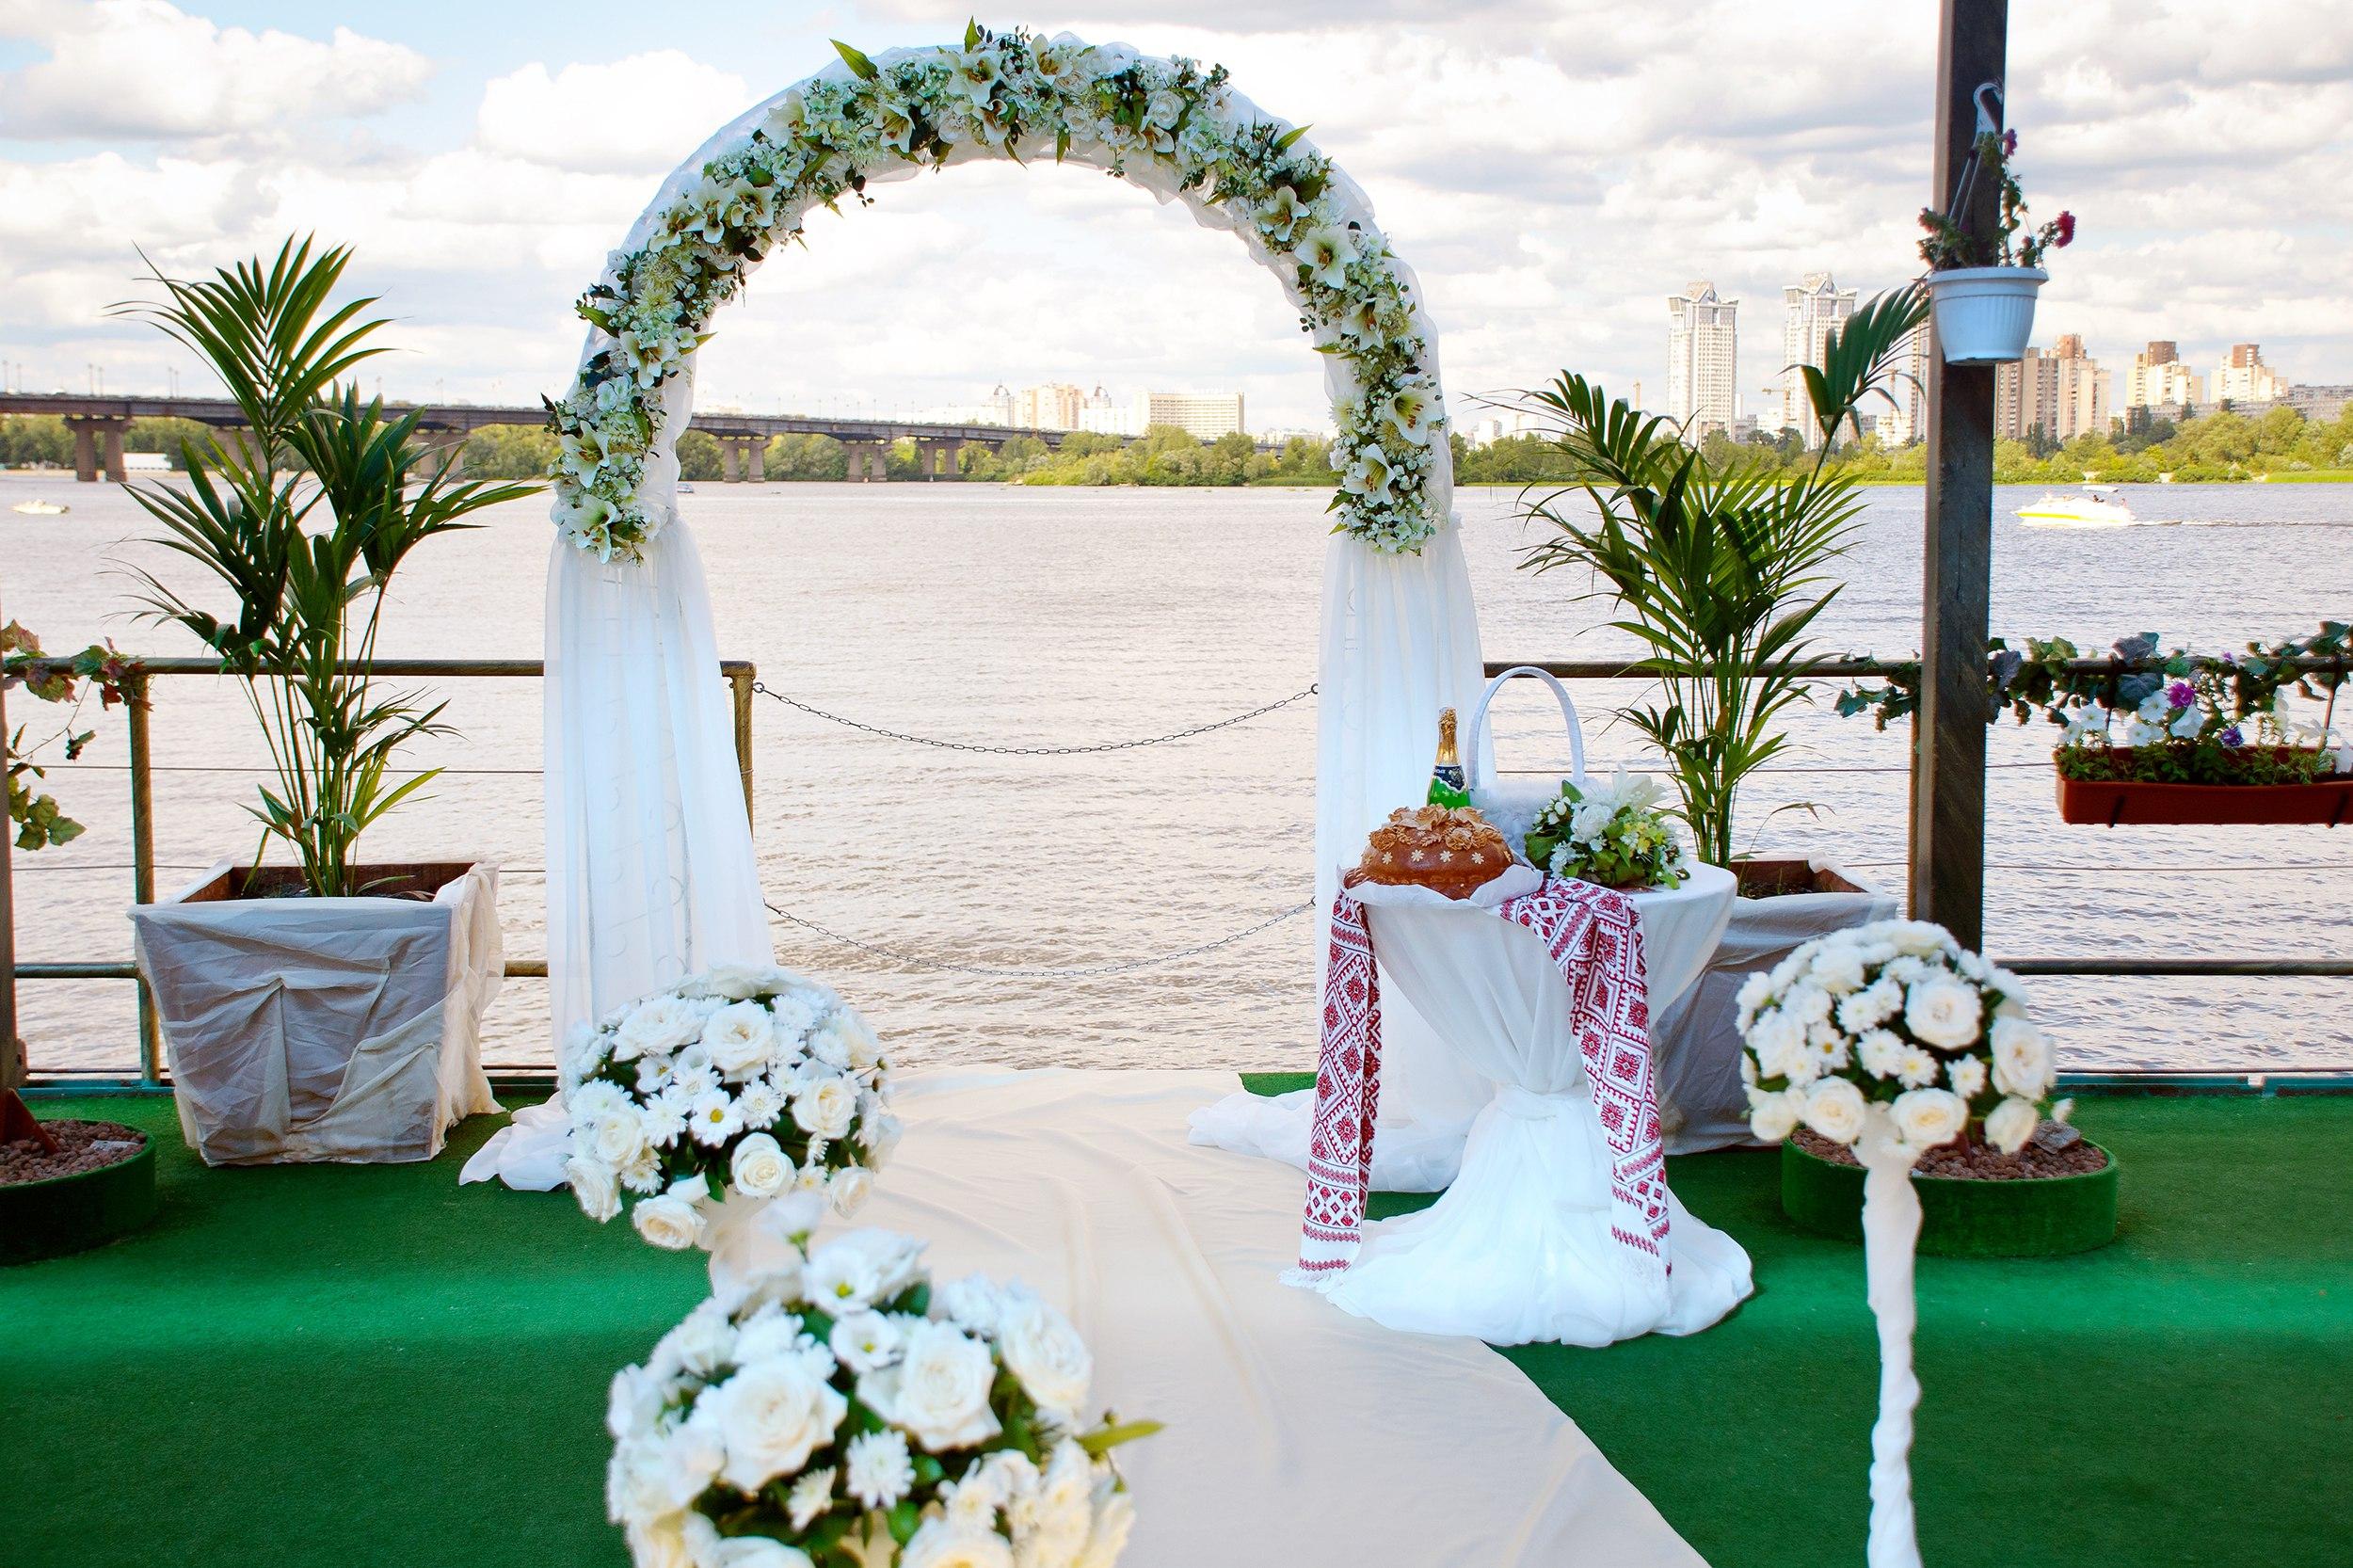 9wAgueCqxSU - Готовимся к свадьбе: праздник своими руками